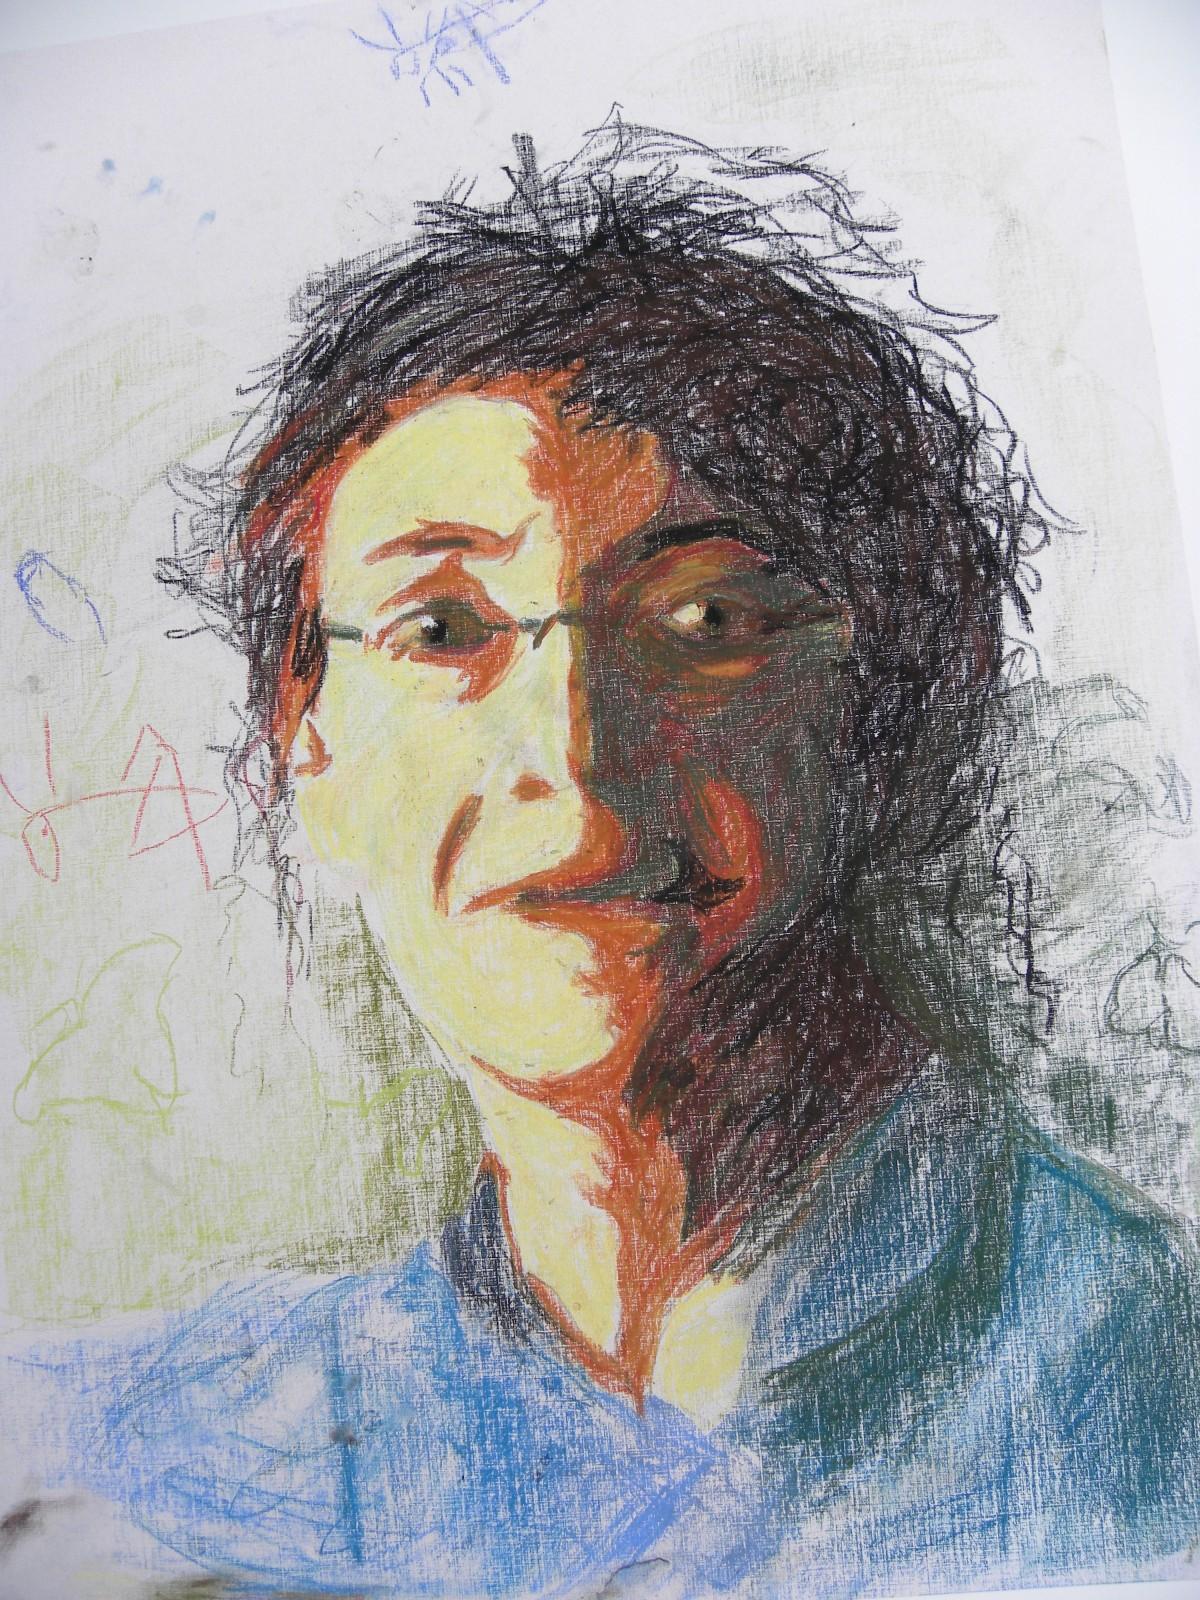 L'autoportrait, 17.5x23